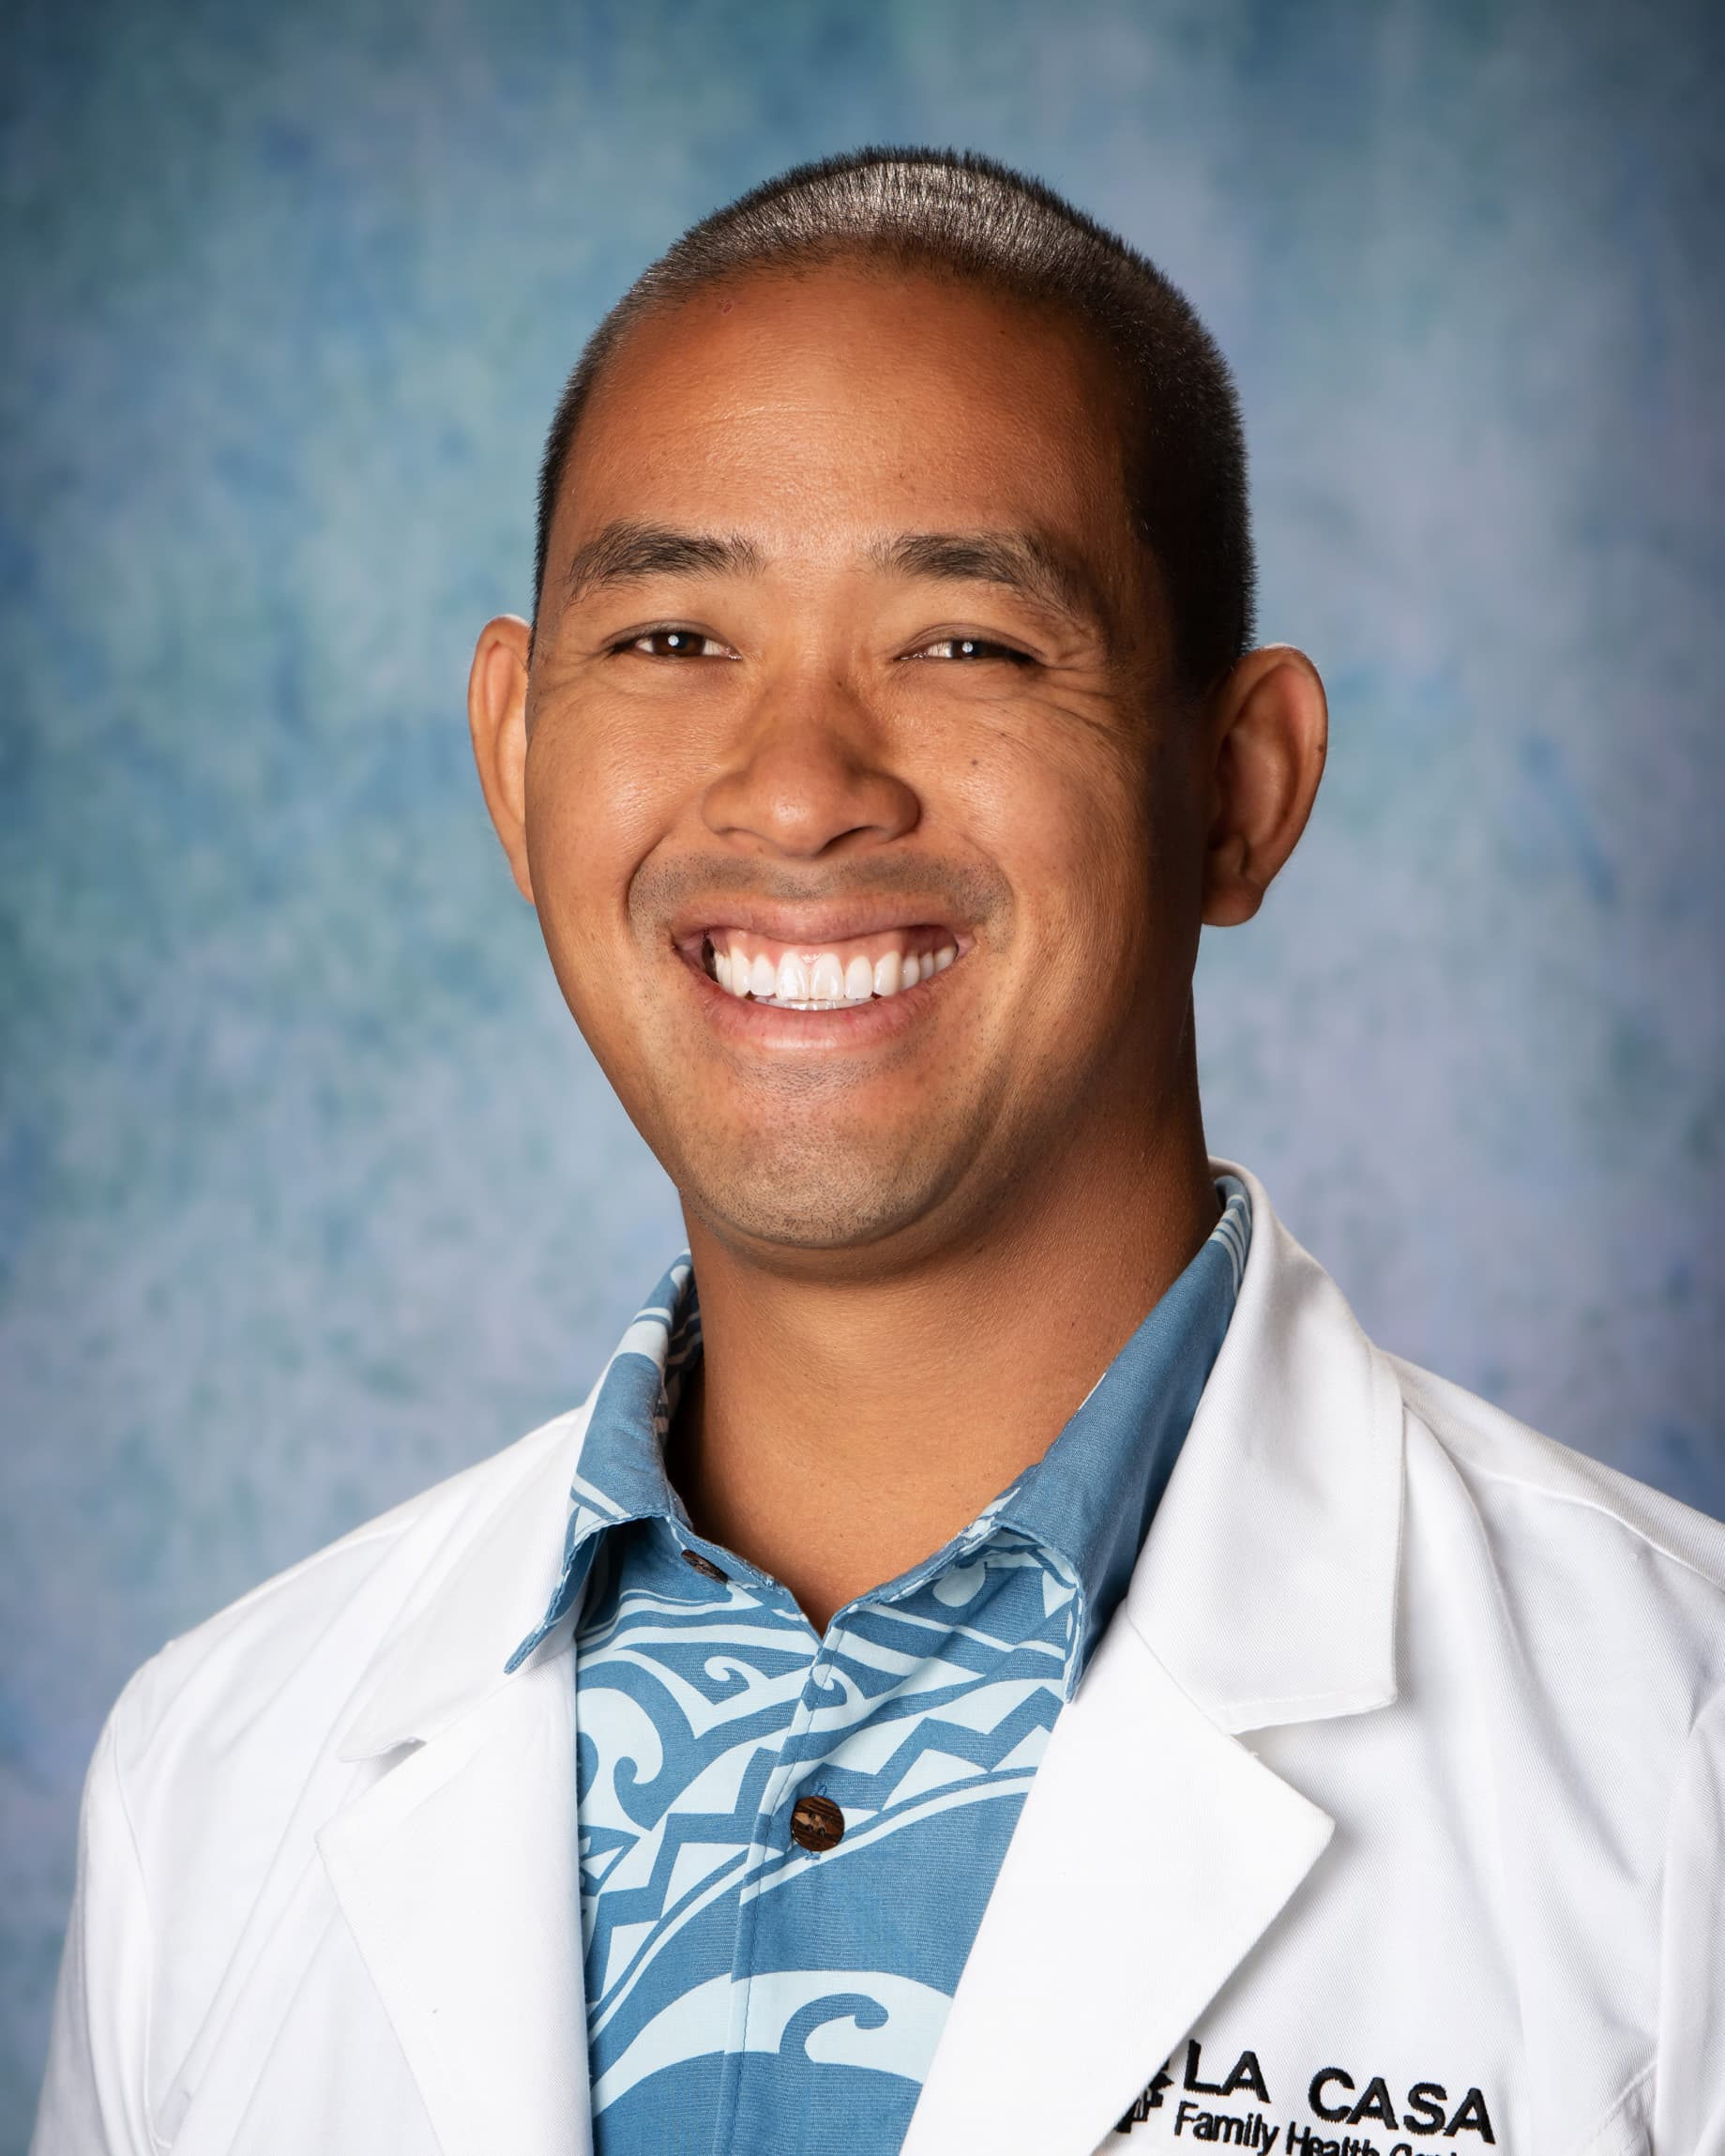 Dr. Lee Le, DDS